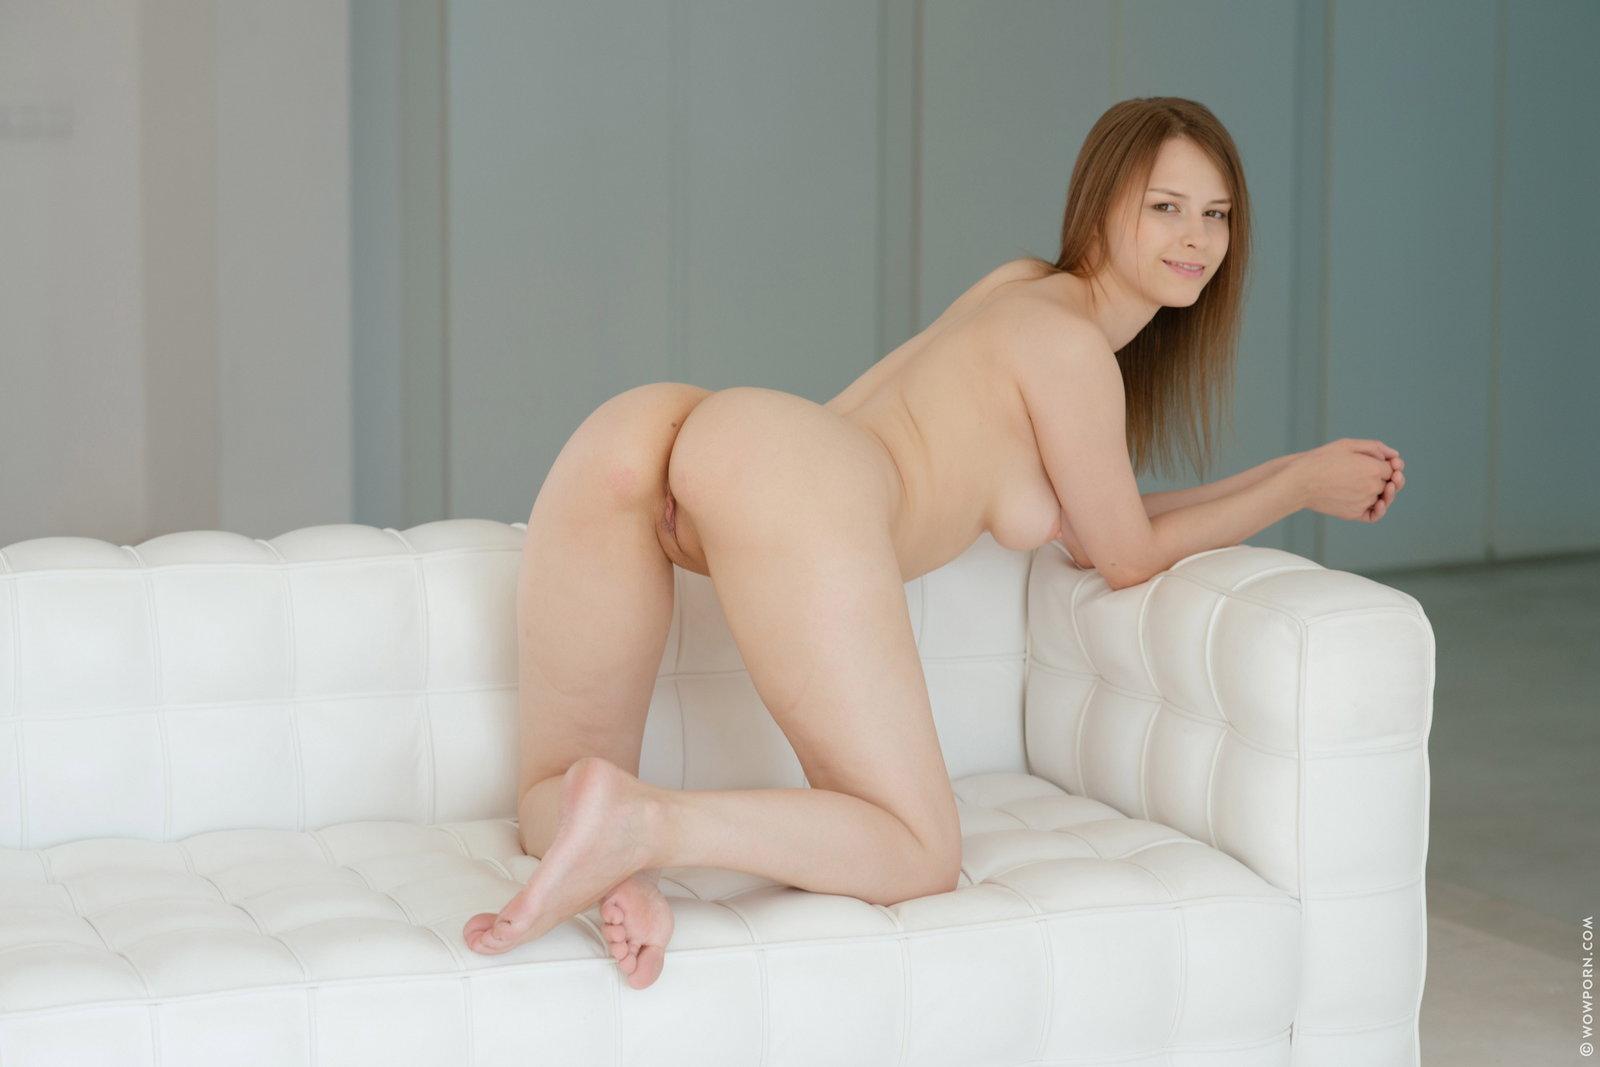 Zdjęcie porno - 147 - Niunia rozbiera się na białej kanapie